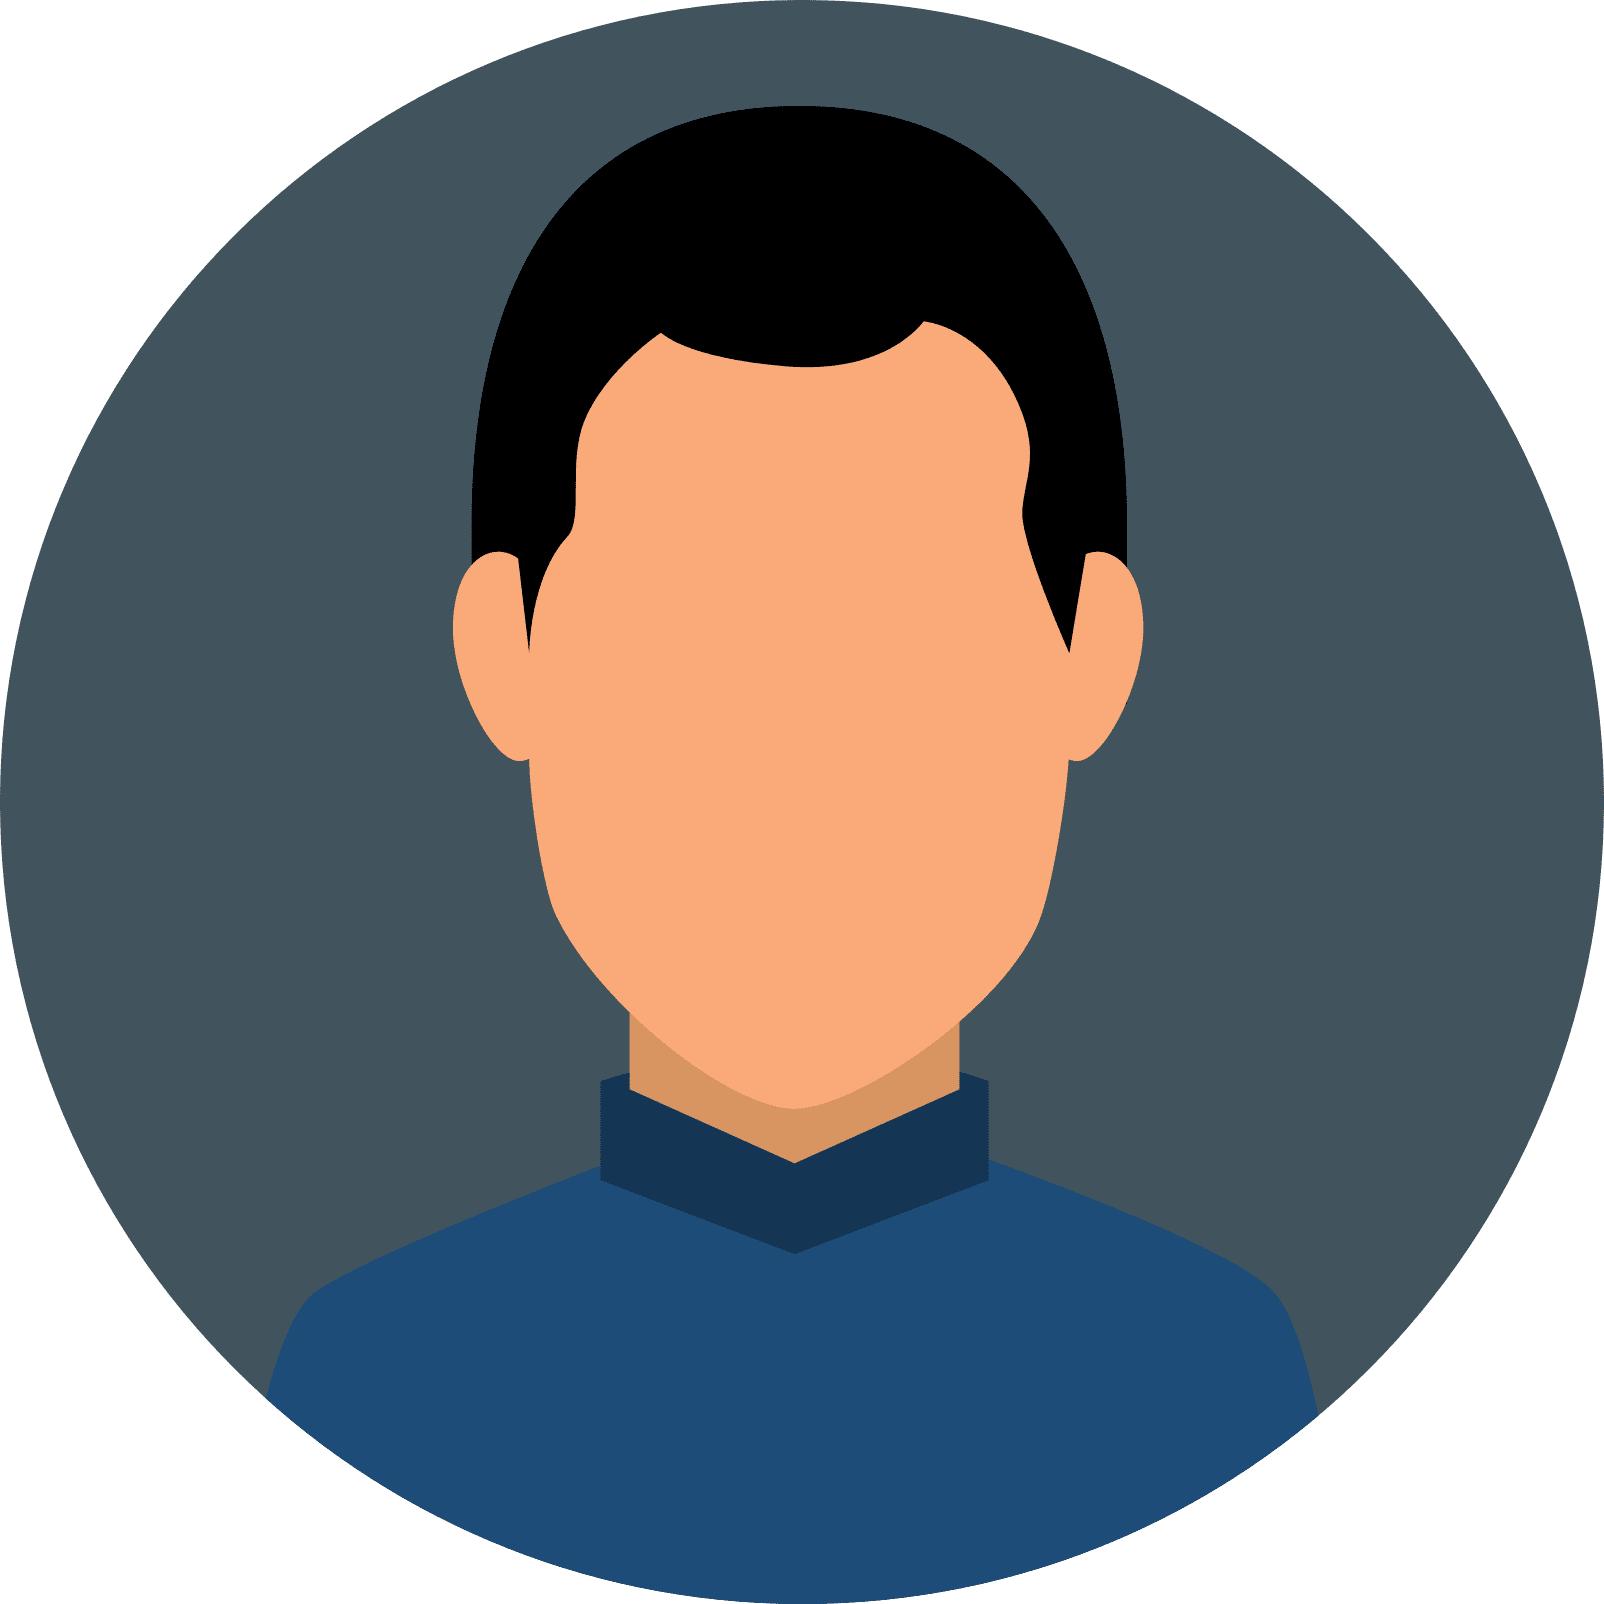 pictogramme d'un homme avec des cheveux courts